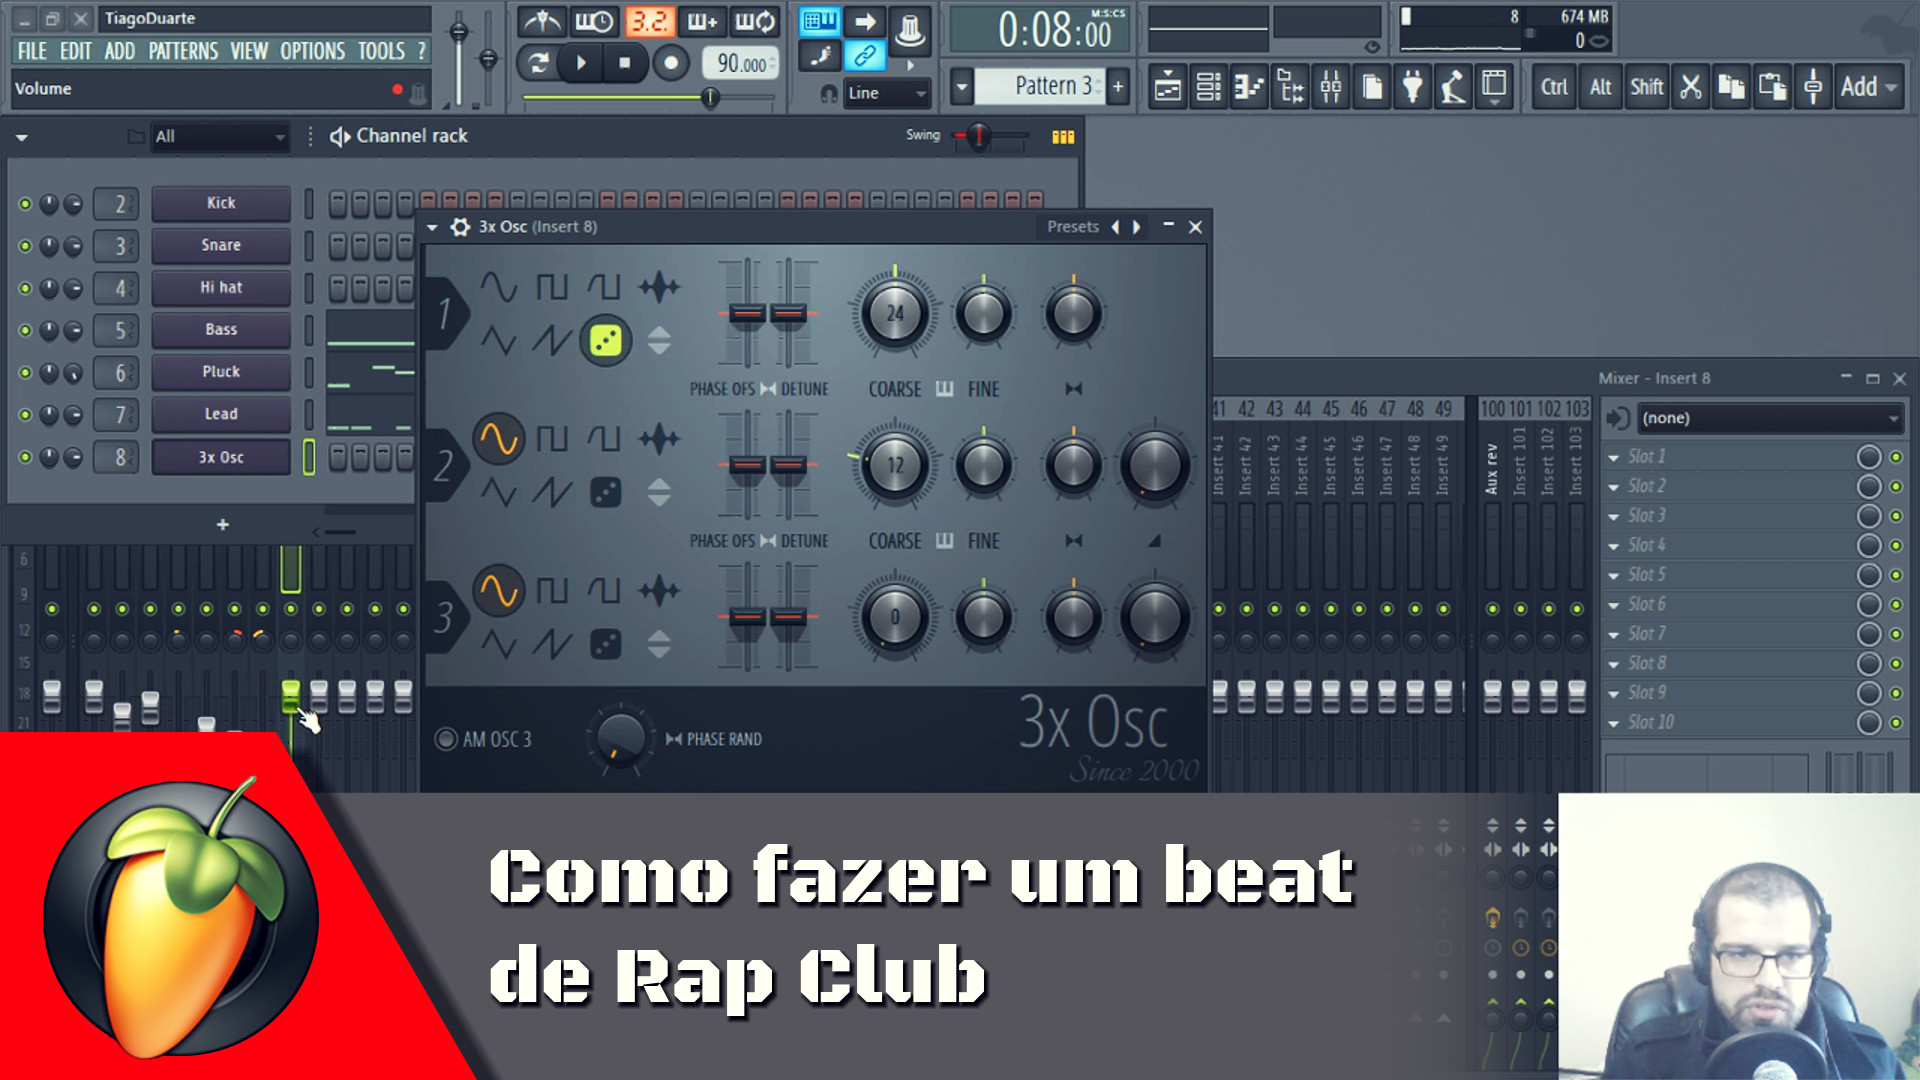 Beat de Rap Club usando apenas 3xOsc